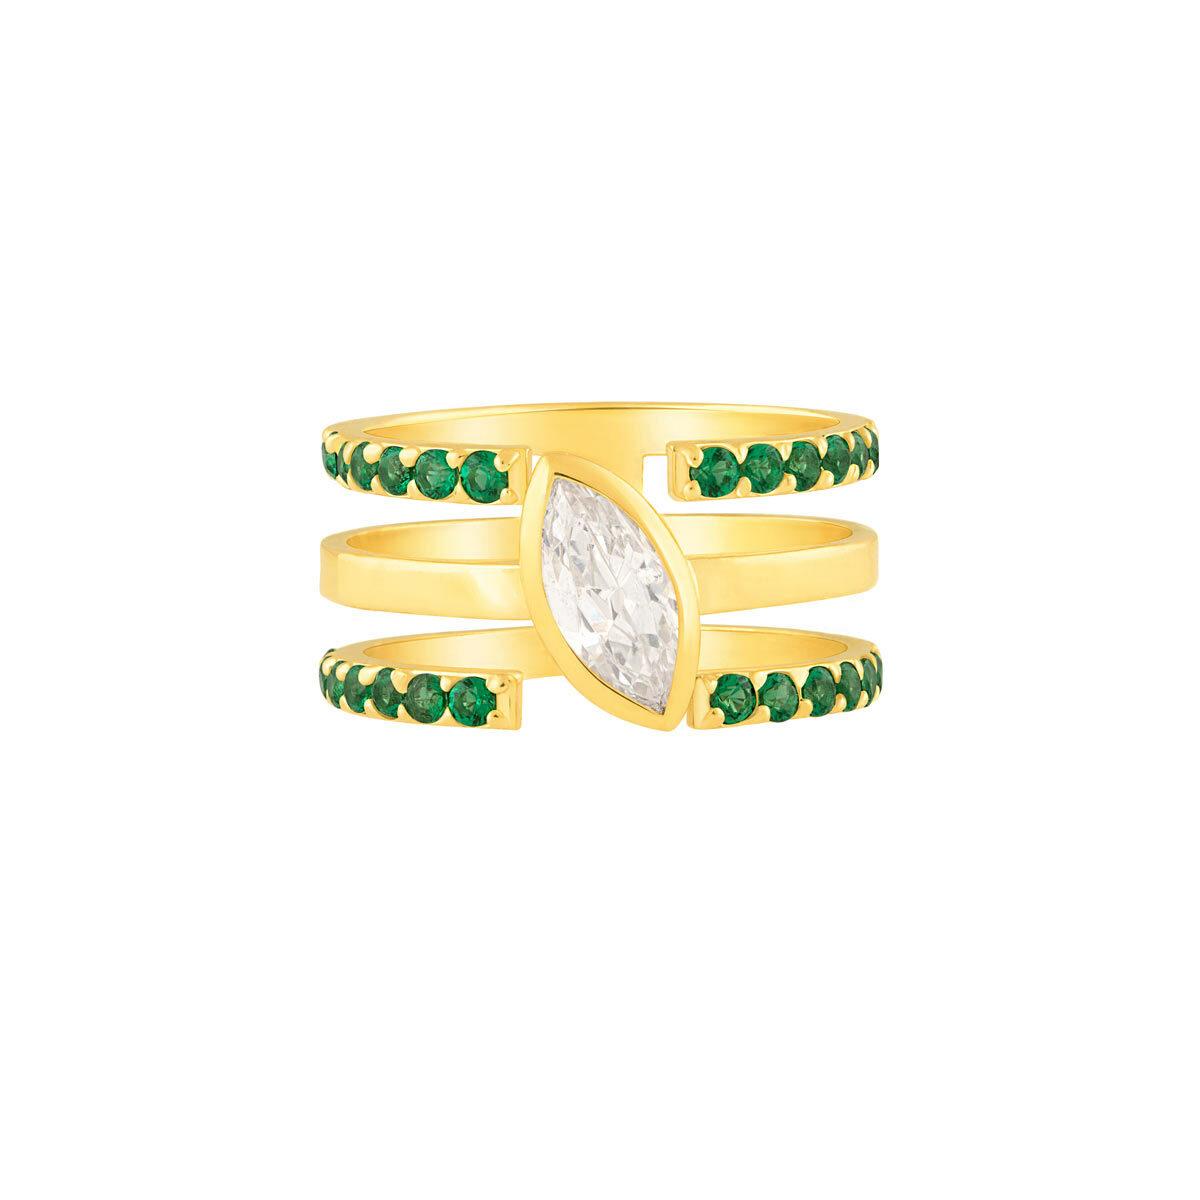 انگشتر طلا سه رینگ اشک و نگین سبز